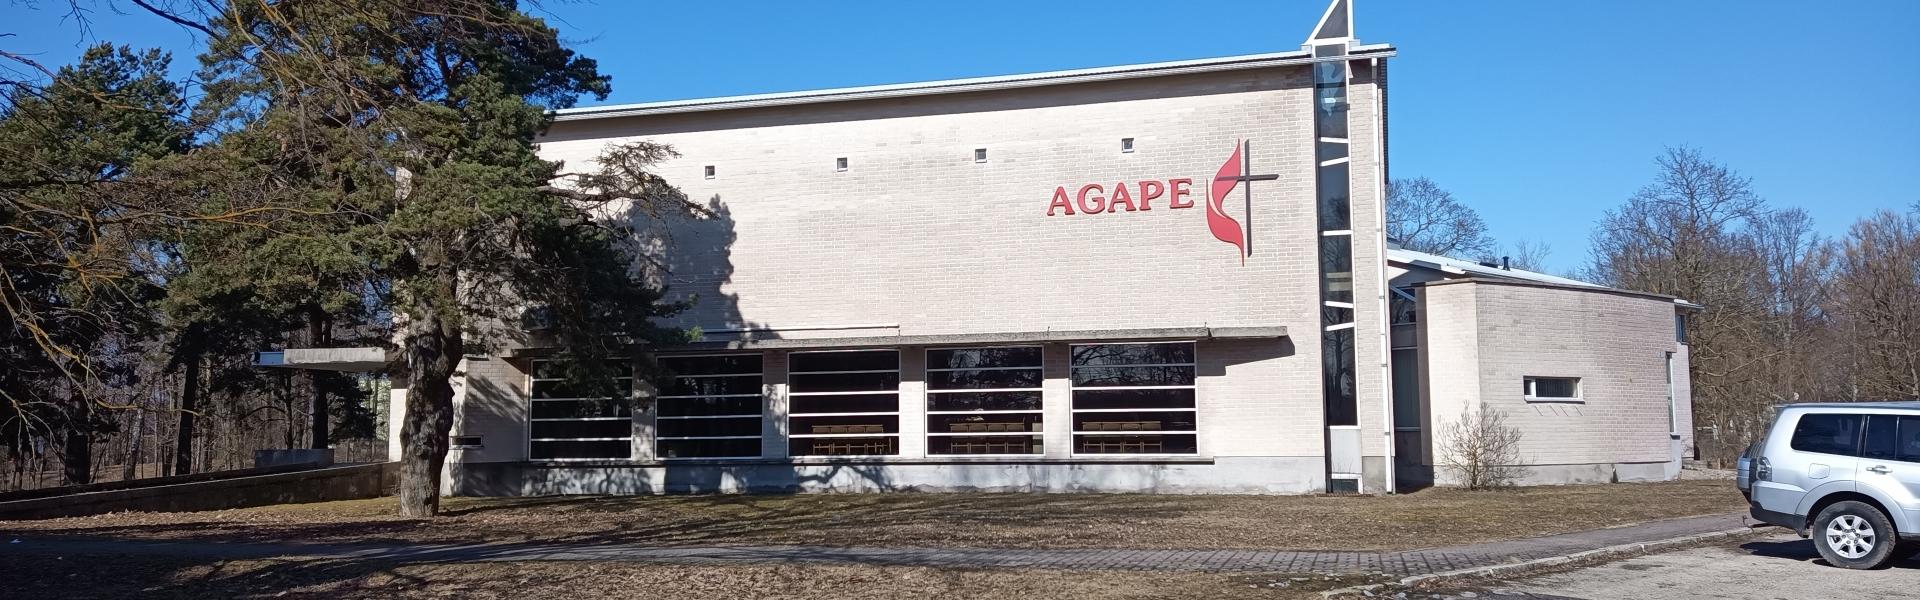 Agape teab, kuhu läheb. Tule kaasa!